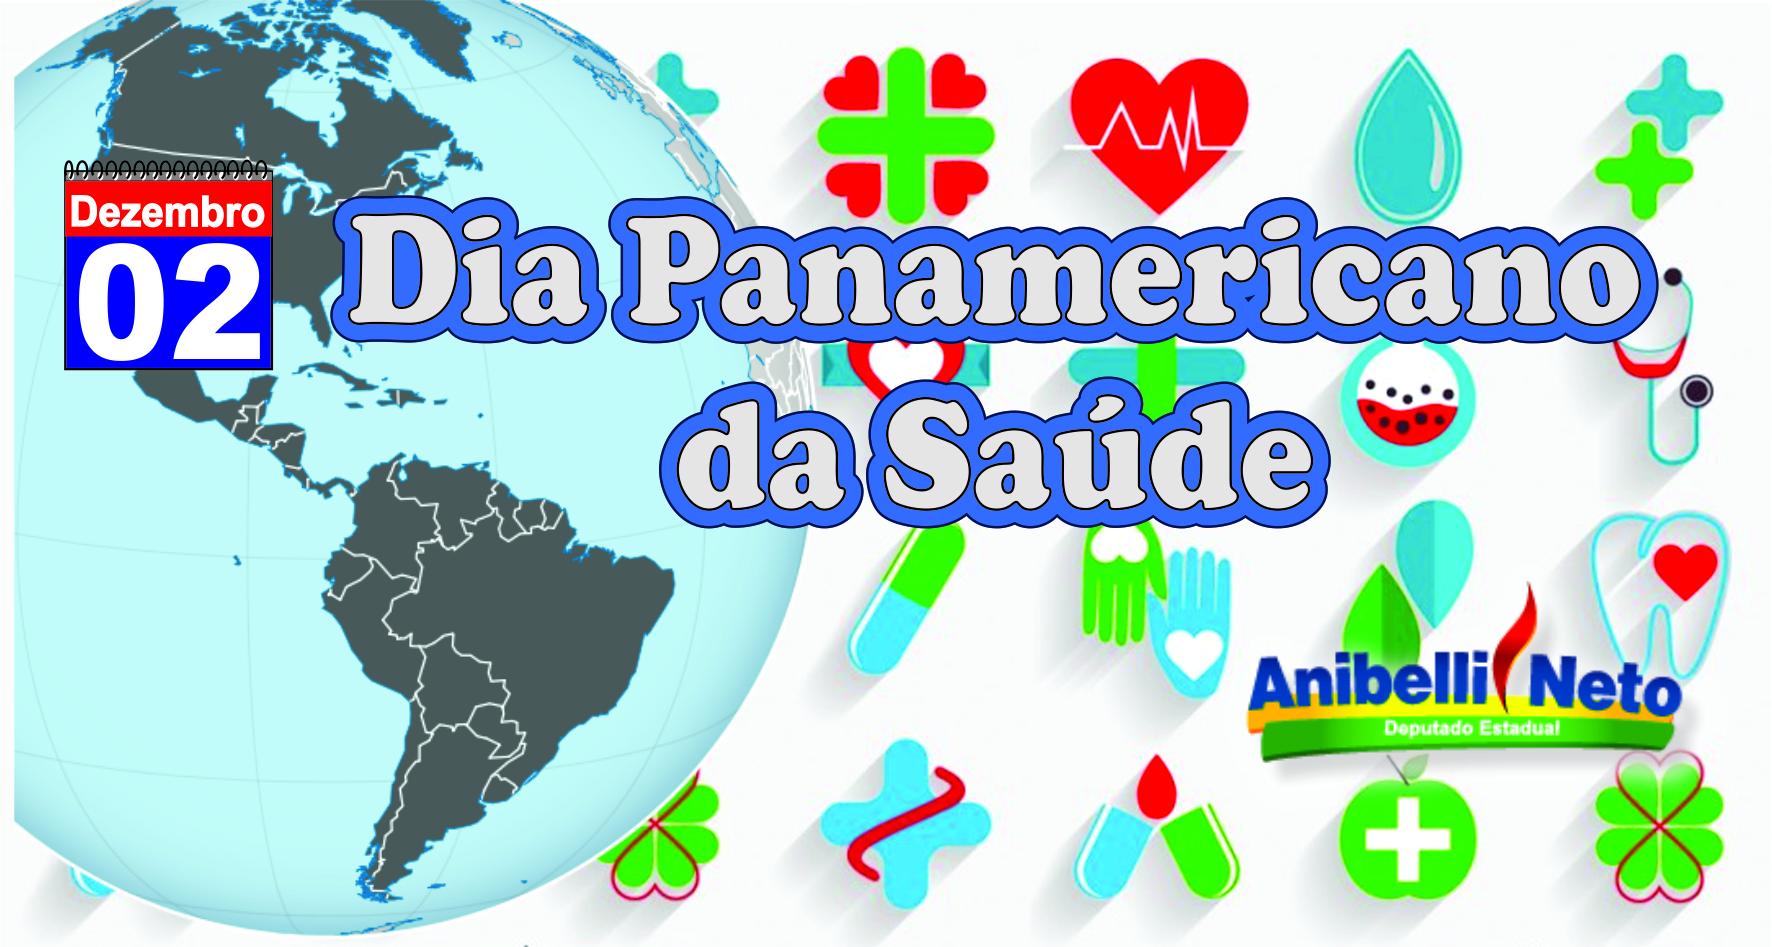 Dia Panamericano da Saúde